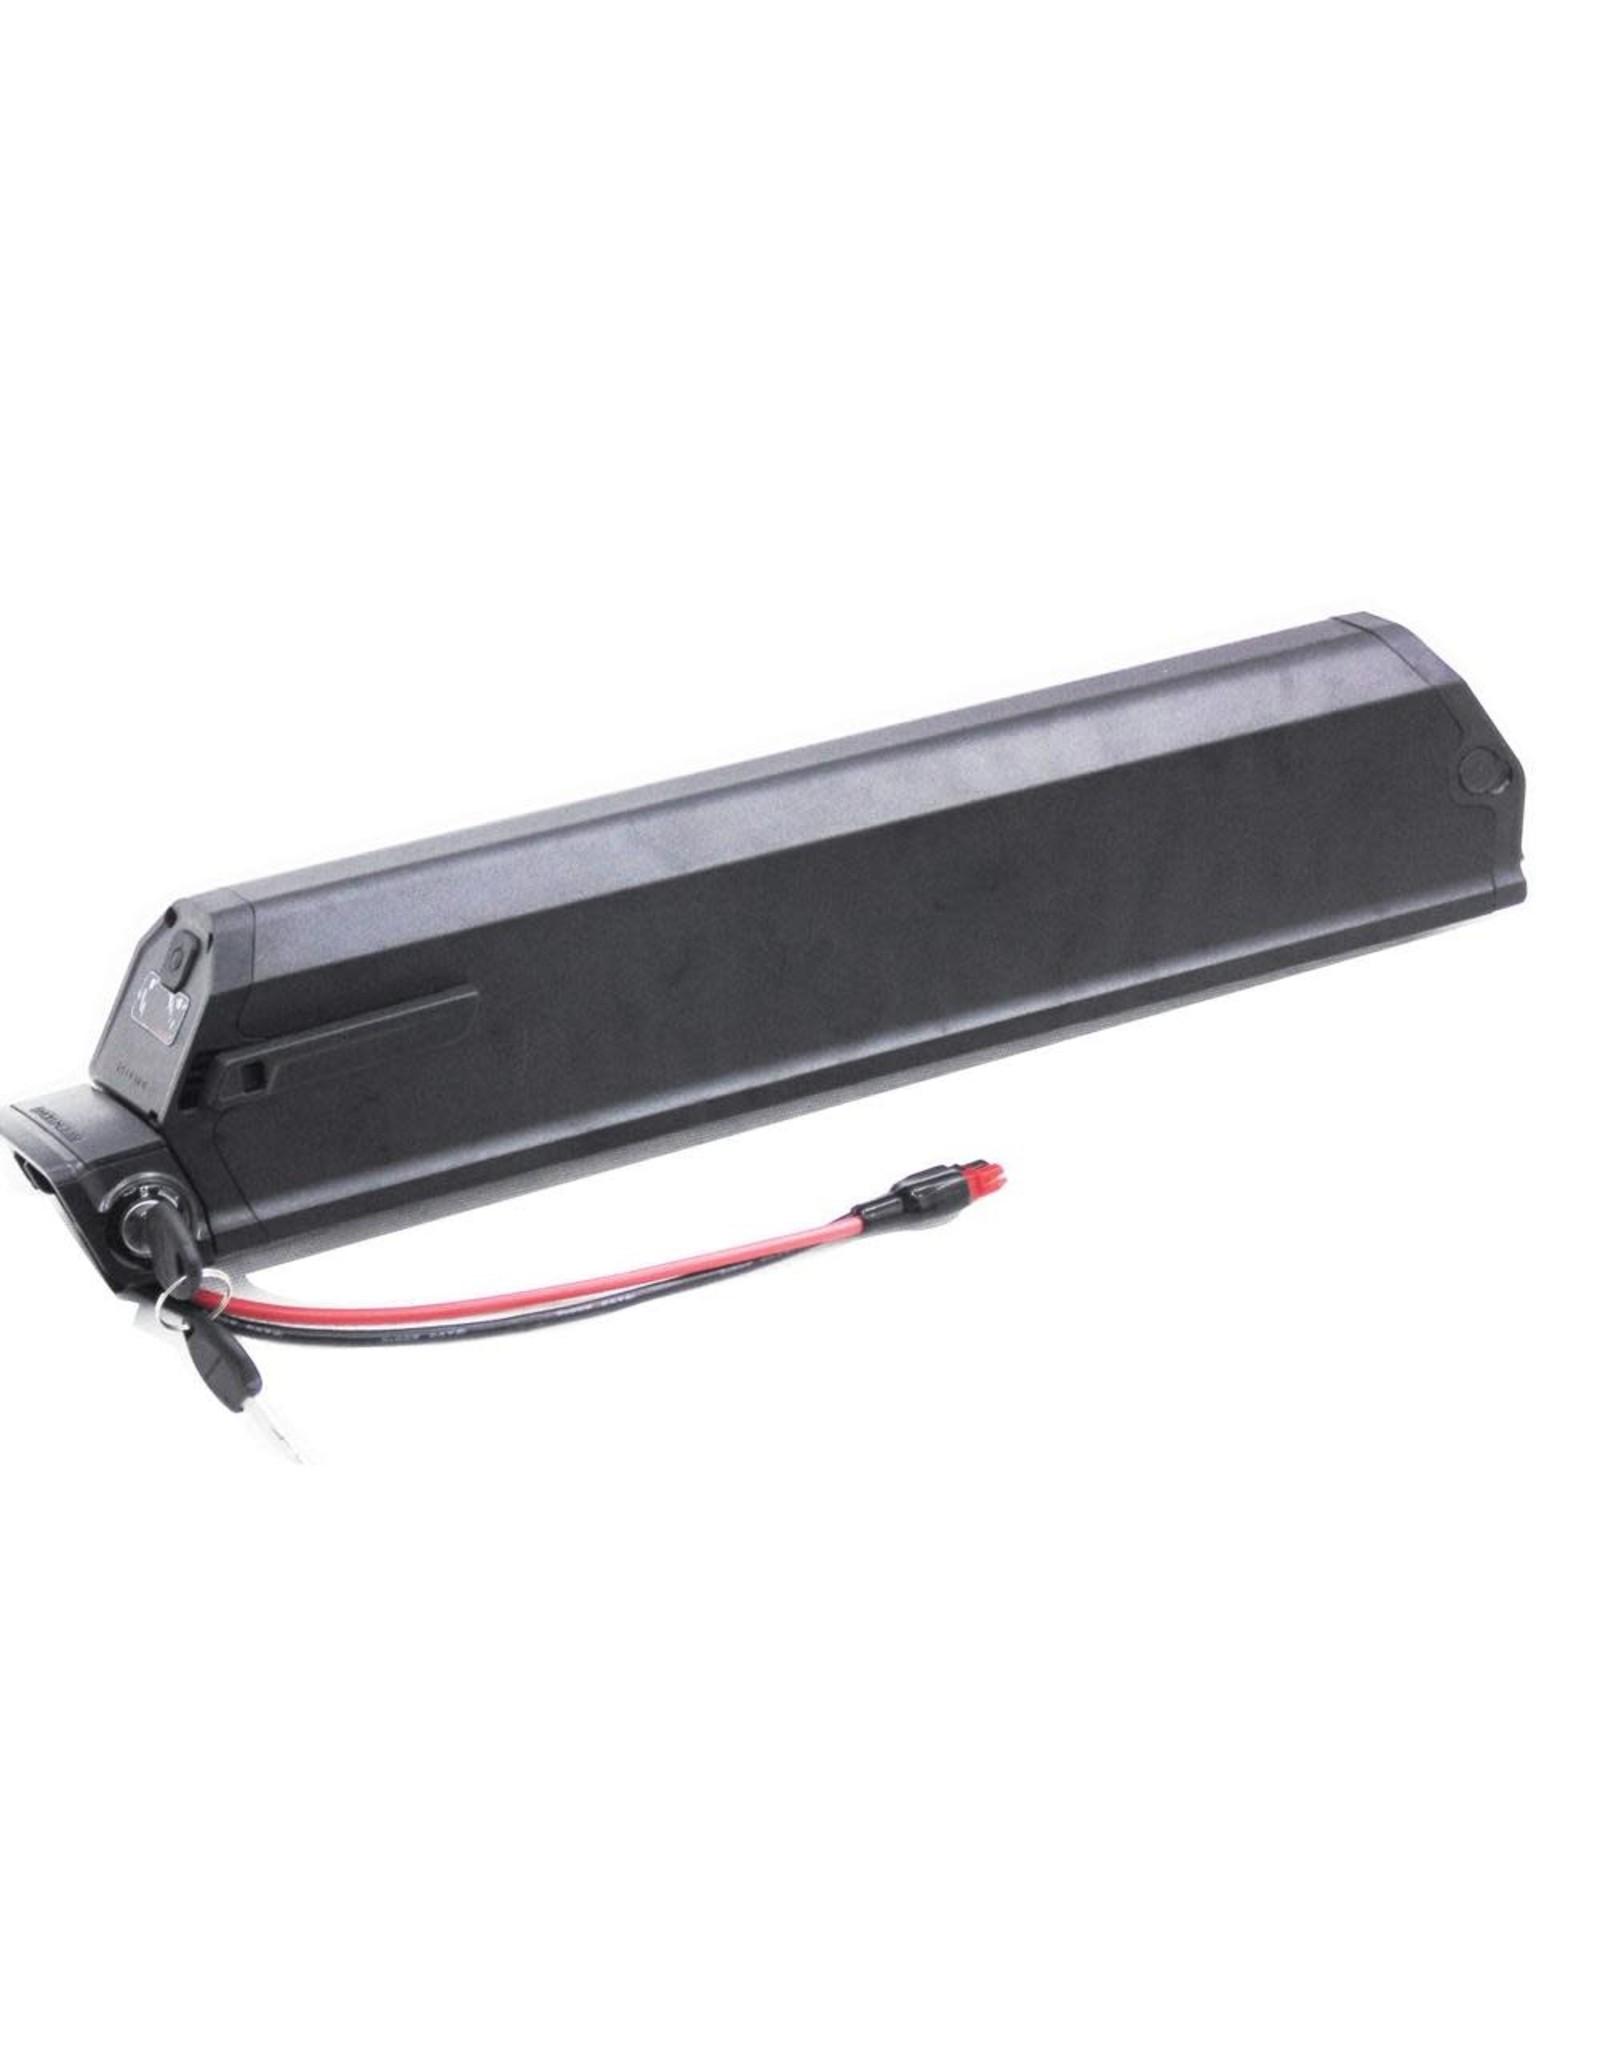 Batterie Dorado Max 48V 21Ah 1008Wh pour vélo électrique